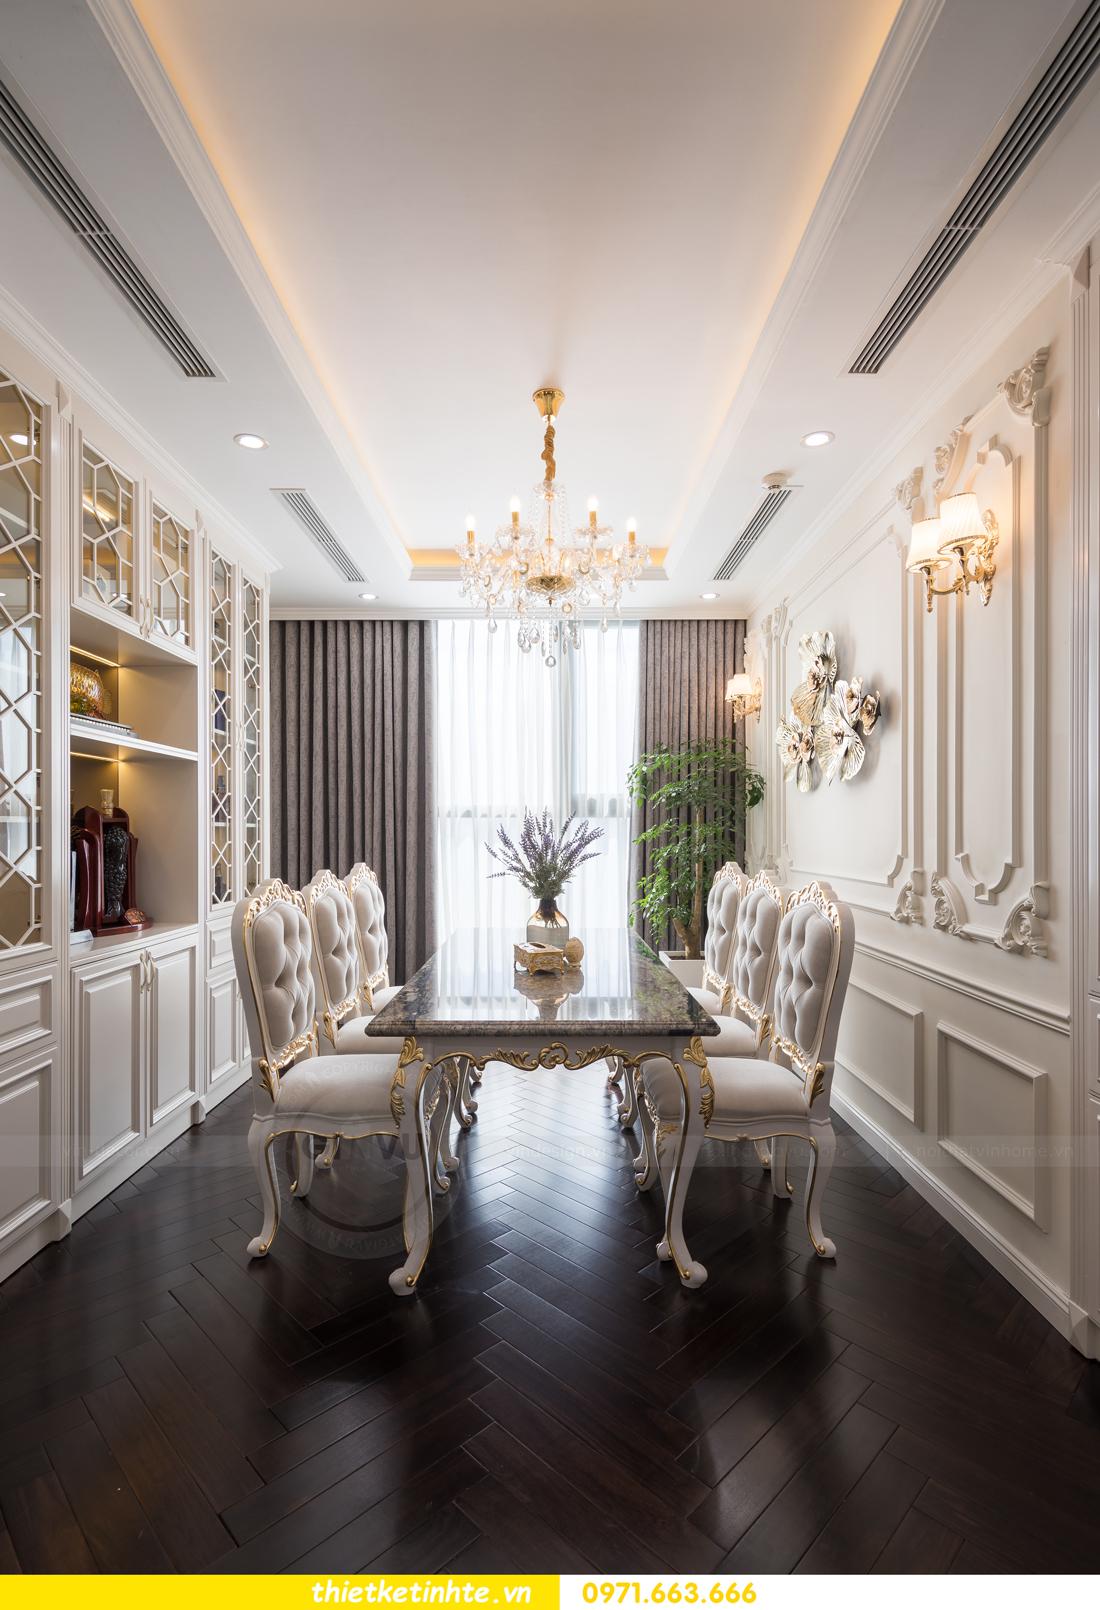 thi công hoàn thiện nội thất chung cư cao cấp Vinhomes Green Bay 14